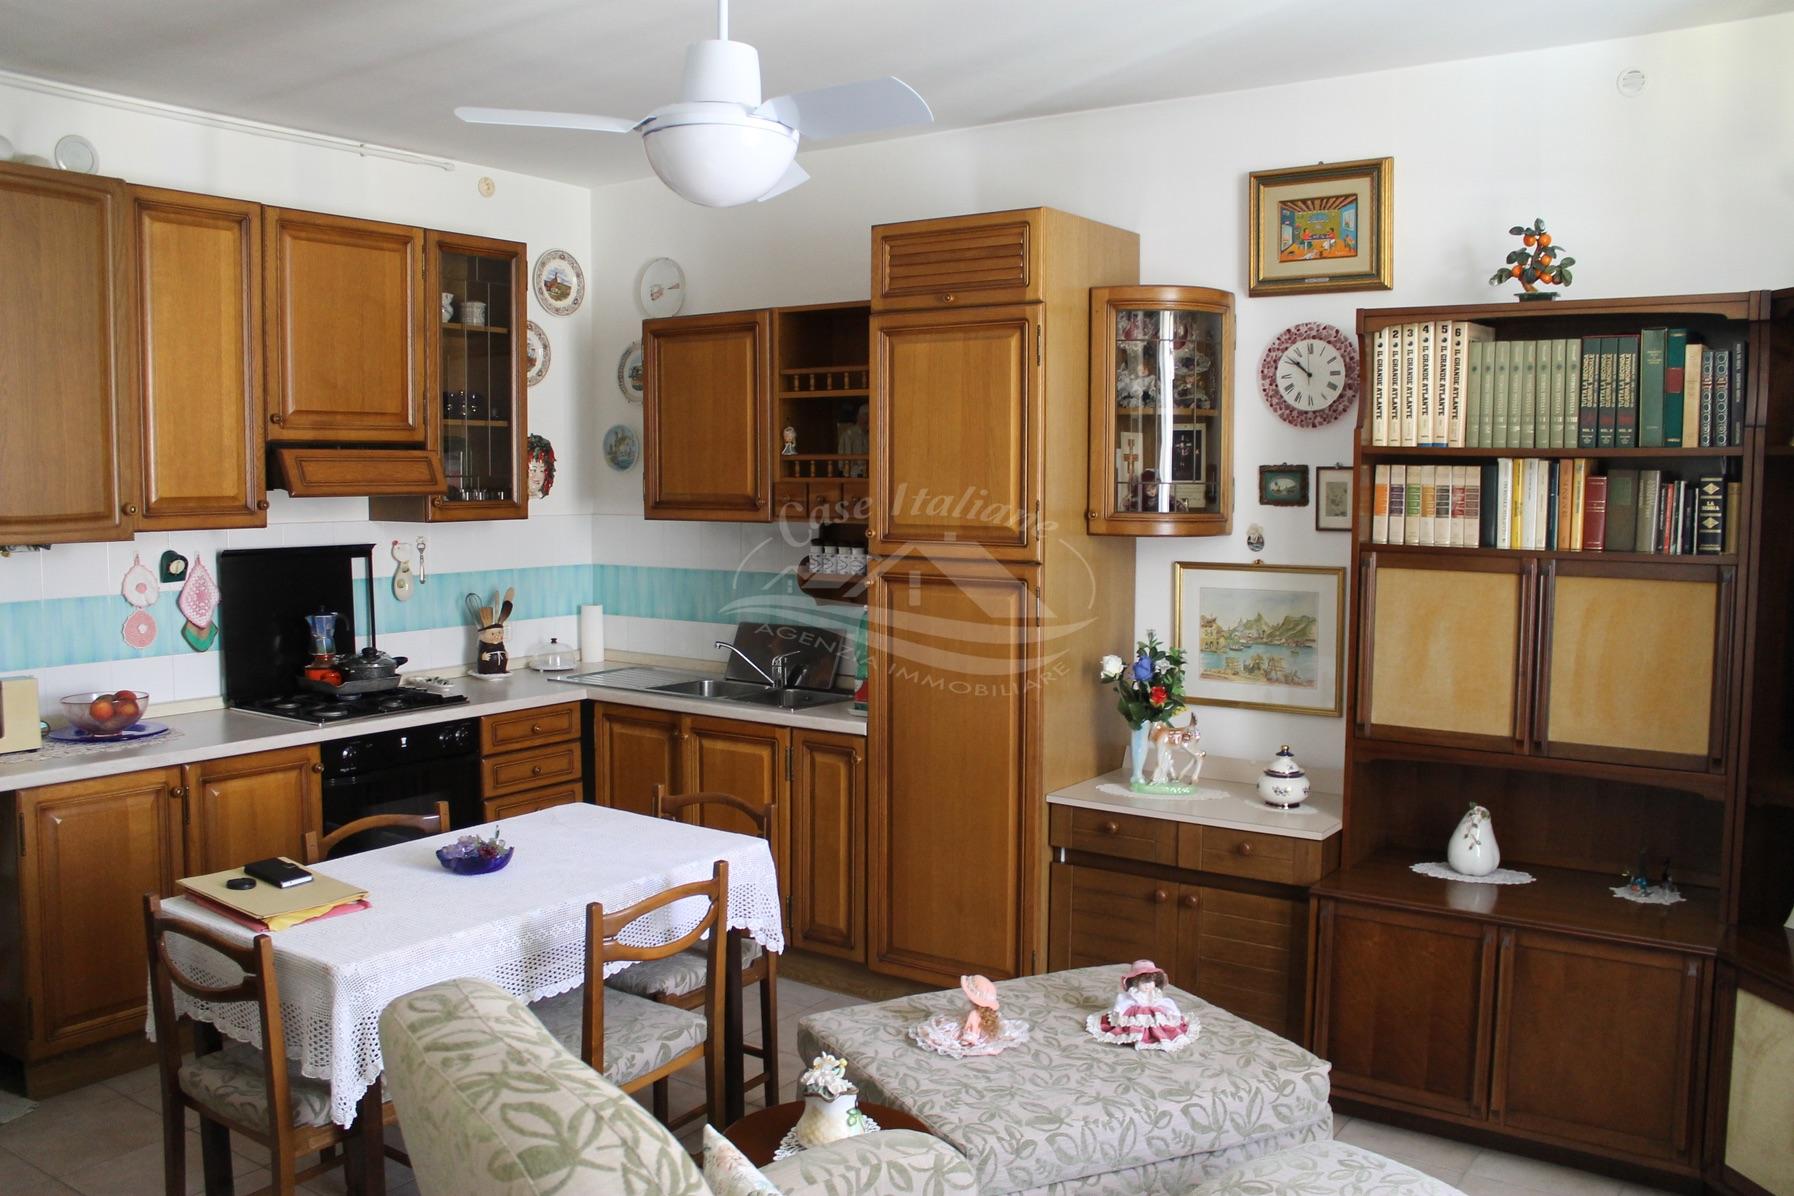 Foto immobili 4363 case italiane agenzia immobiliare cant for Case italiane immobiliare